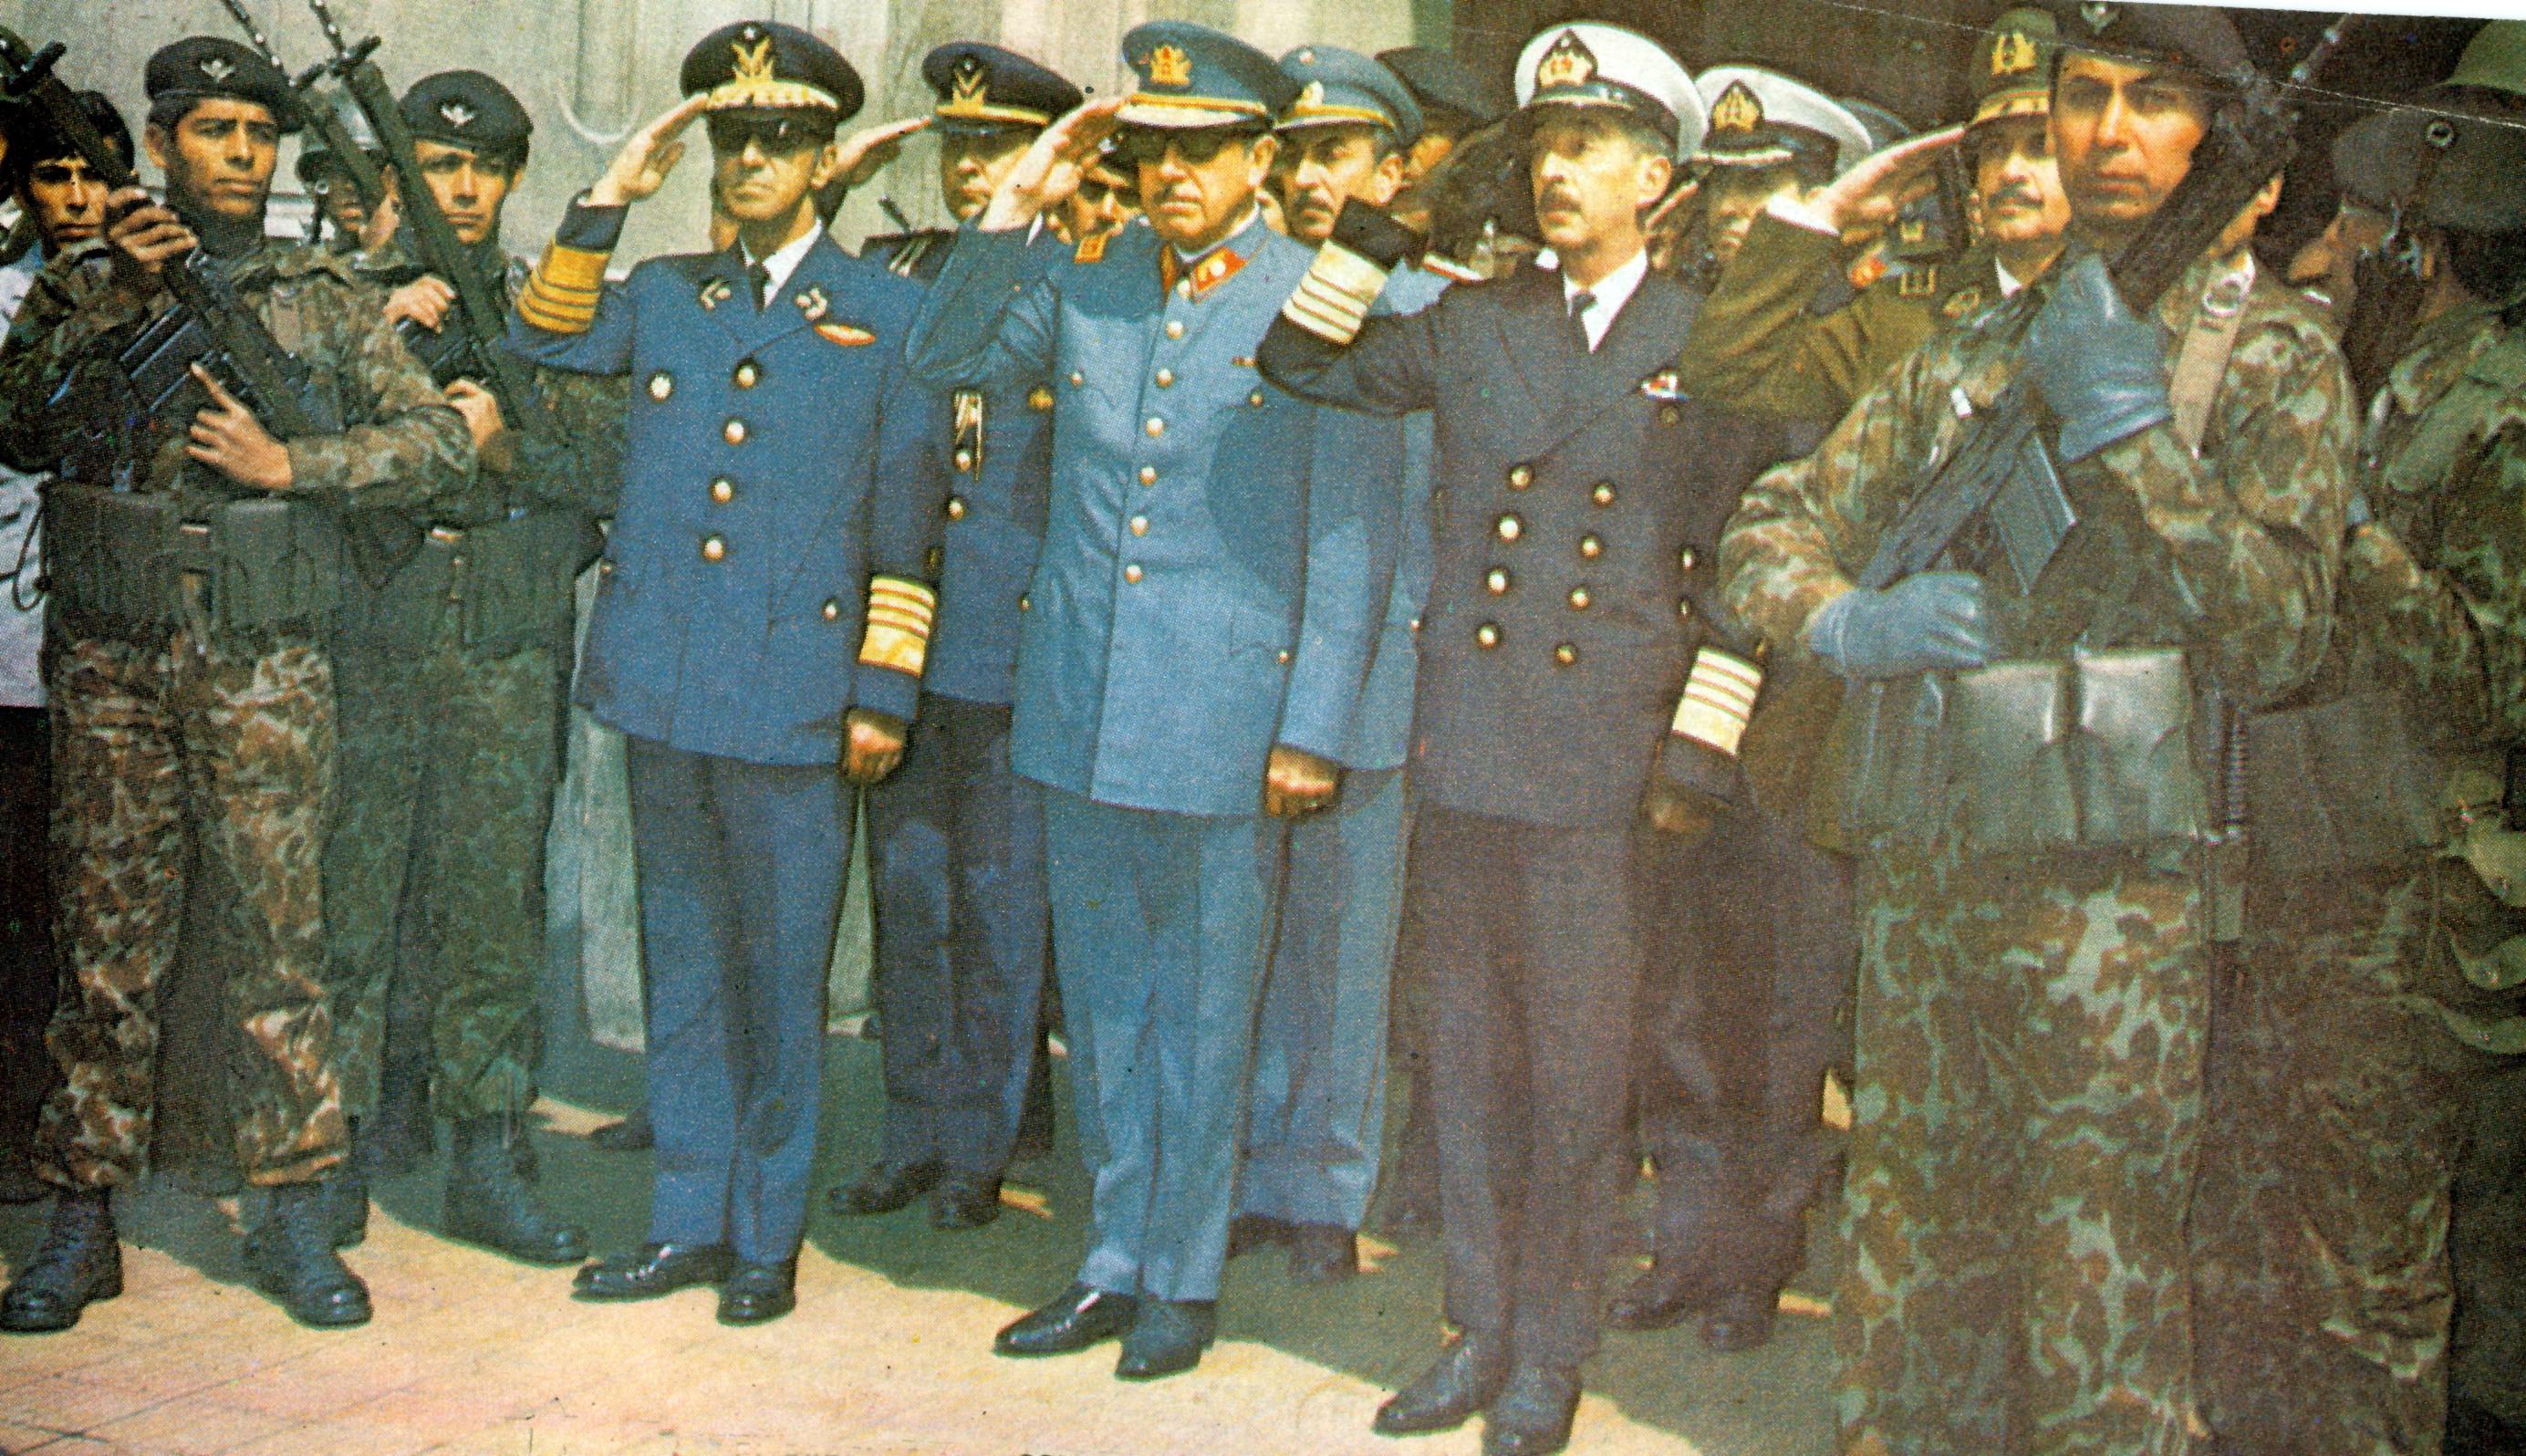 La Junta Militar a la salida del te deum efectuado en la gratitud nacional. Foto de Chas Garretsen